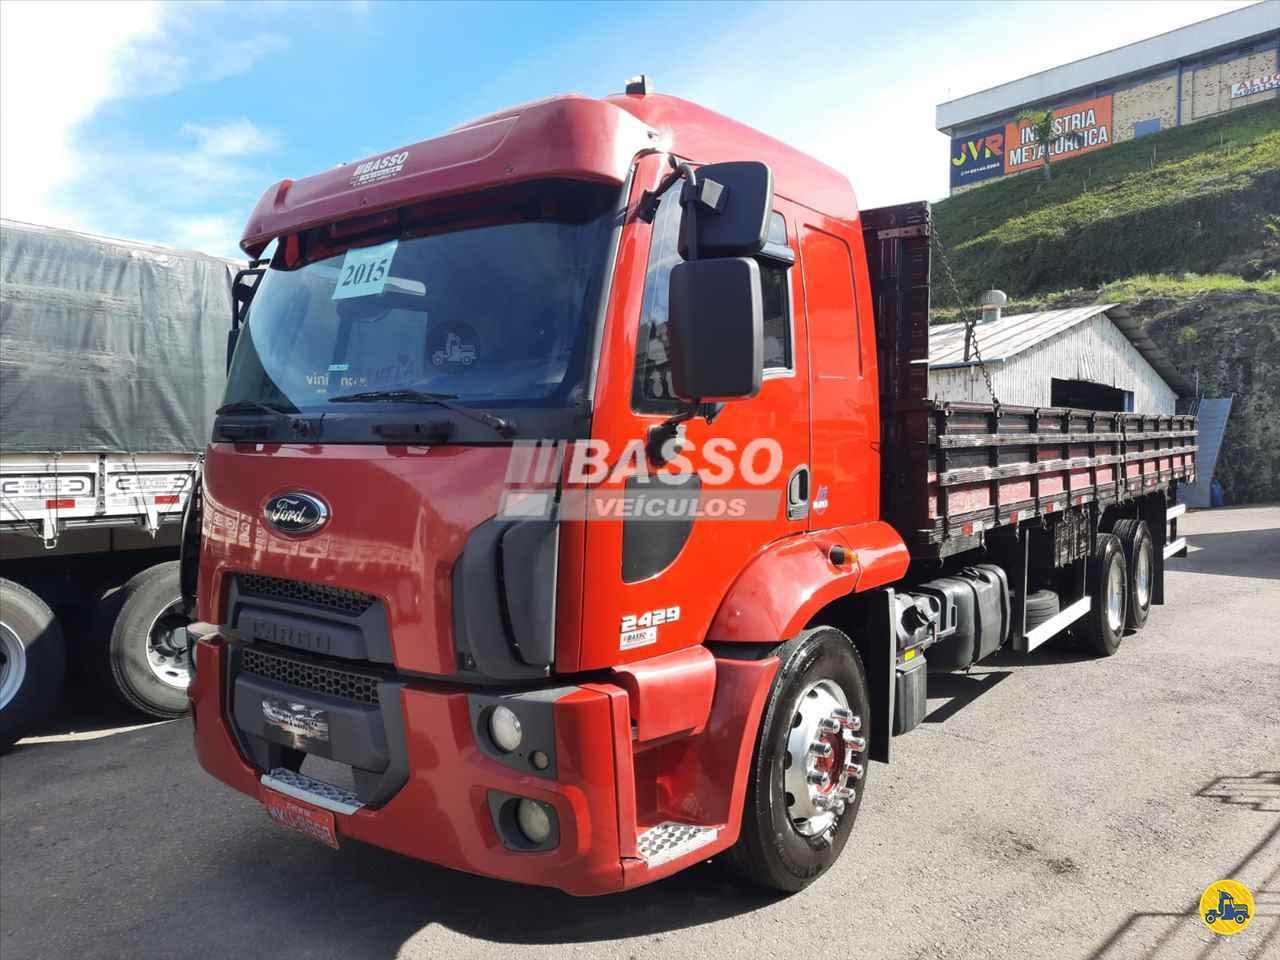 CAMINHAO FORD CARGO 2429 Graneleiro Truck 6x2 Basso Veículos GARIBALDI RIO GRANDE DO SUL RS